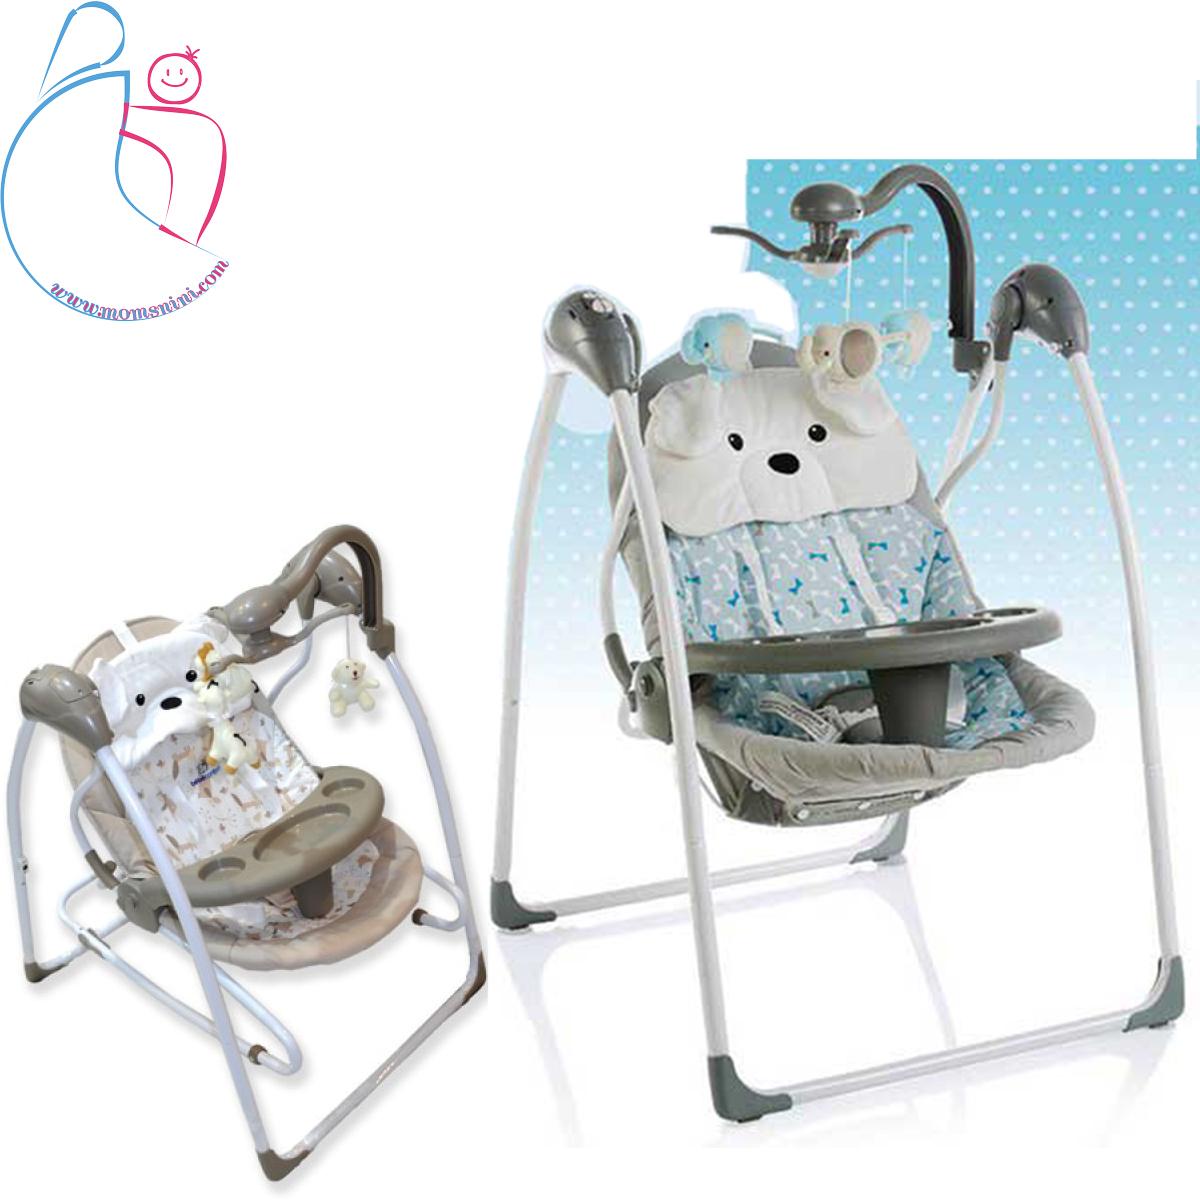 تاب برقی و صندلی غذا ب ب کانفورت مدل SG119